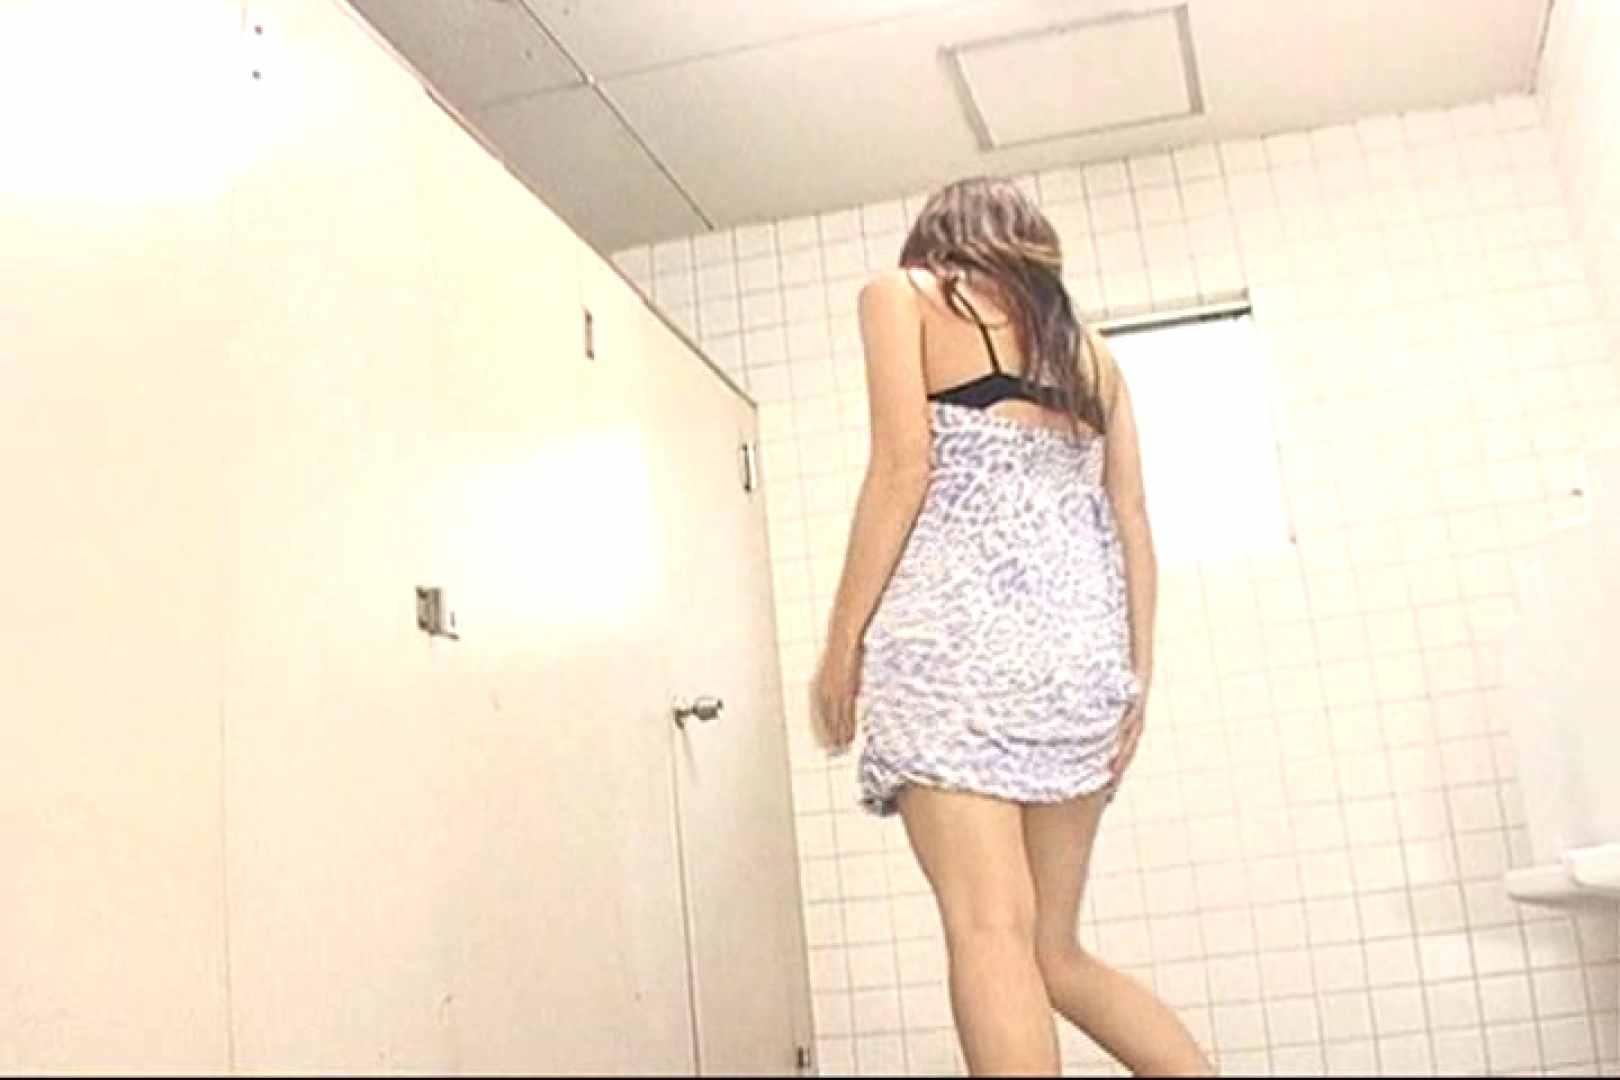 雑居ビル洗面所只今使用禁止中!Vol.4 美しいOLの裸体 AV無料 84pic 50